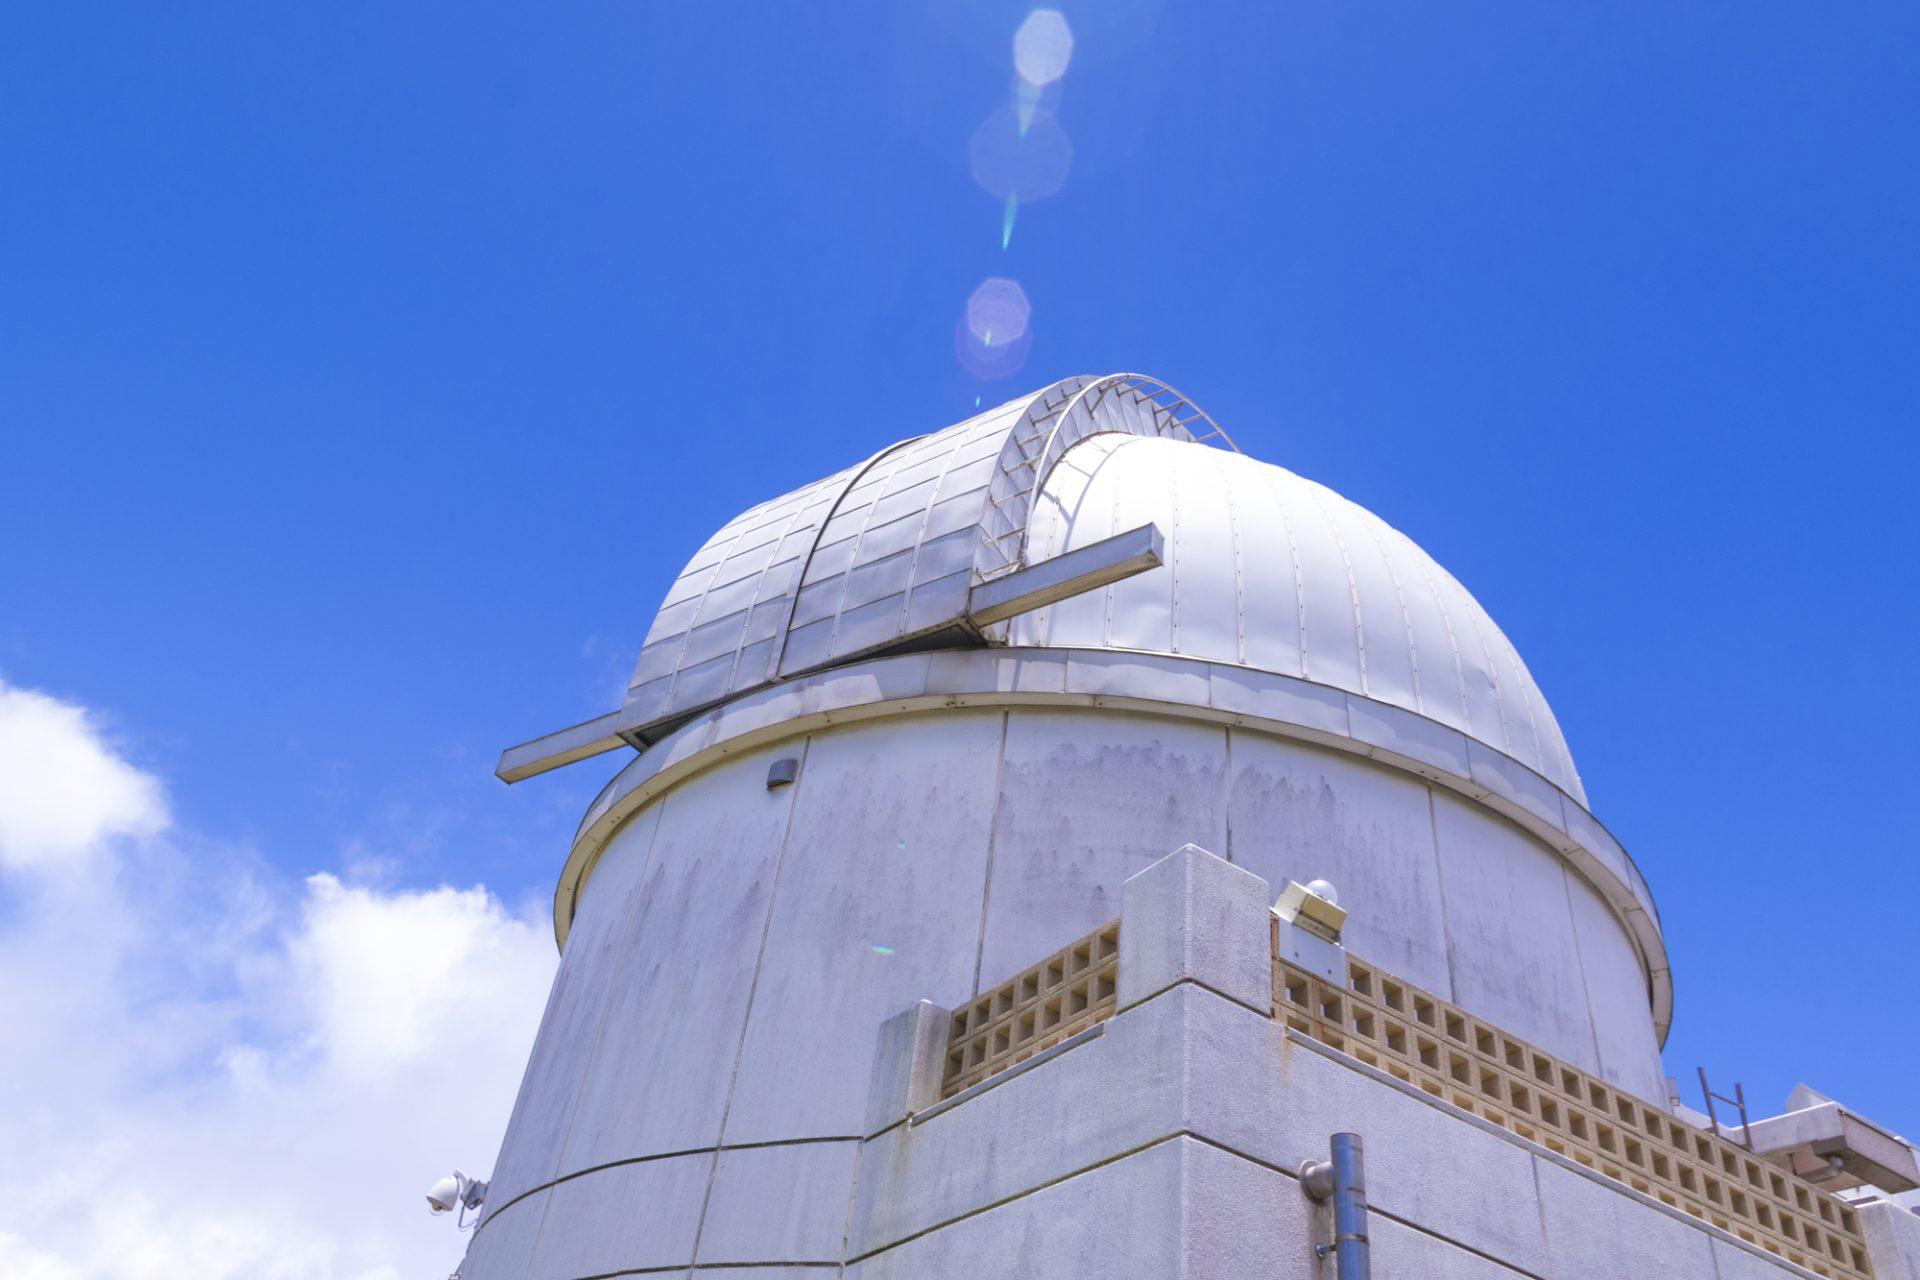 石垣島天文台 石垣島 観光 スポット おすすめ 人気 名所 沖縄 旅行